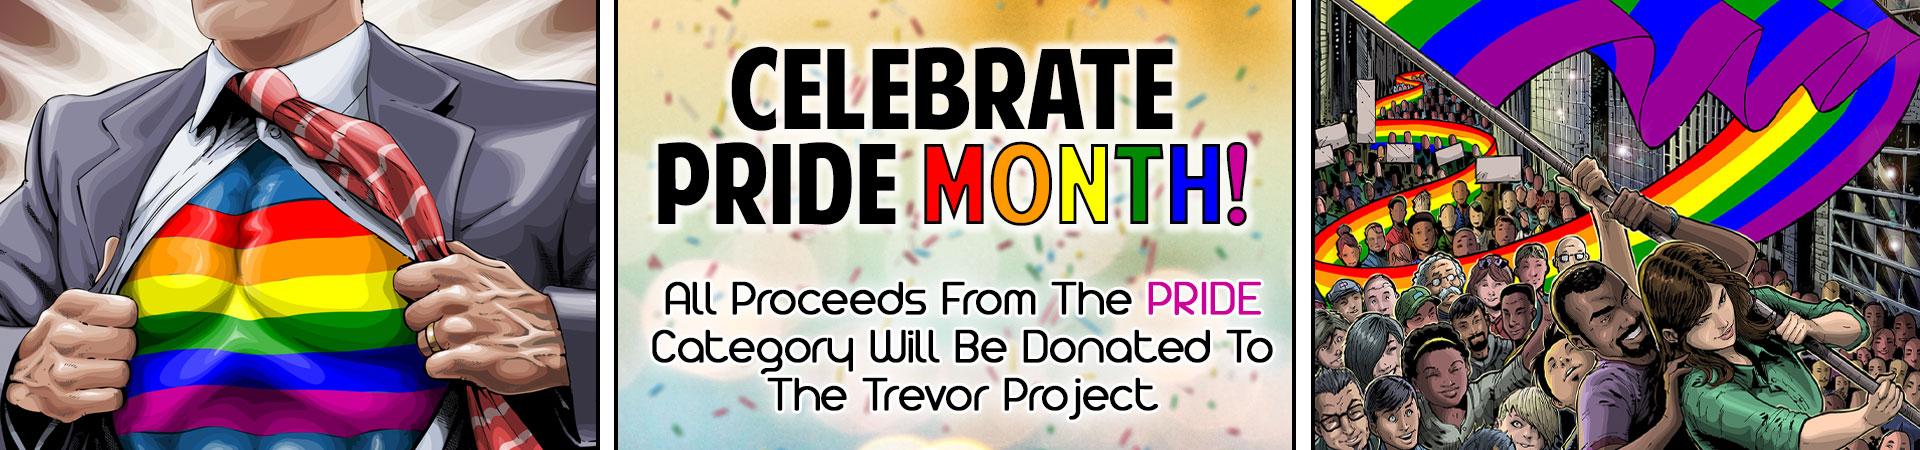 Celebrate Pride Month!